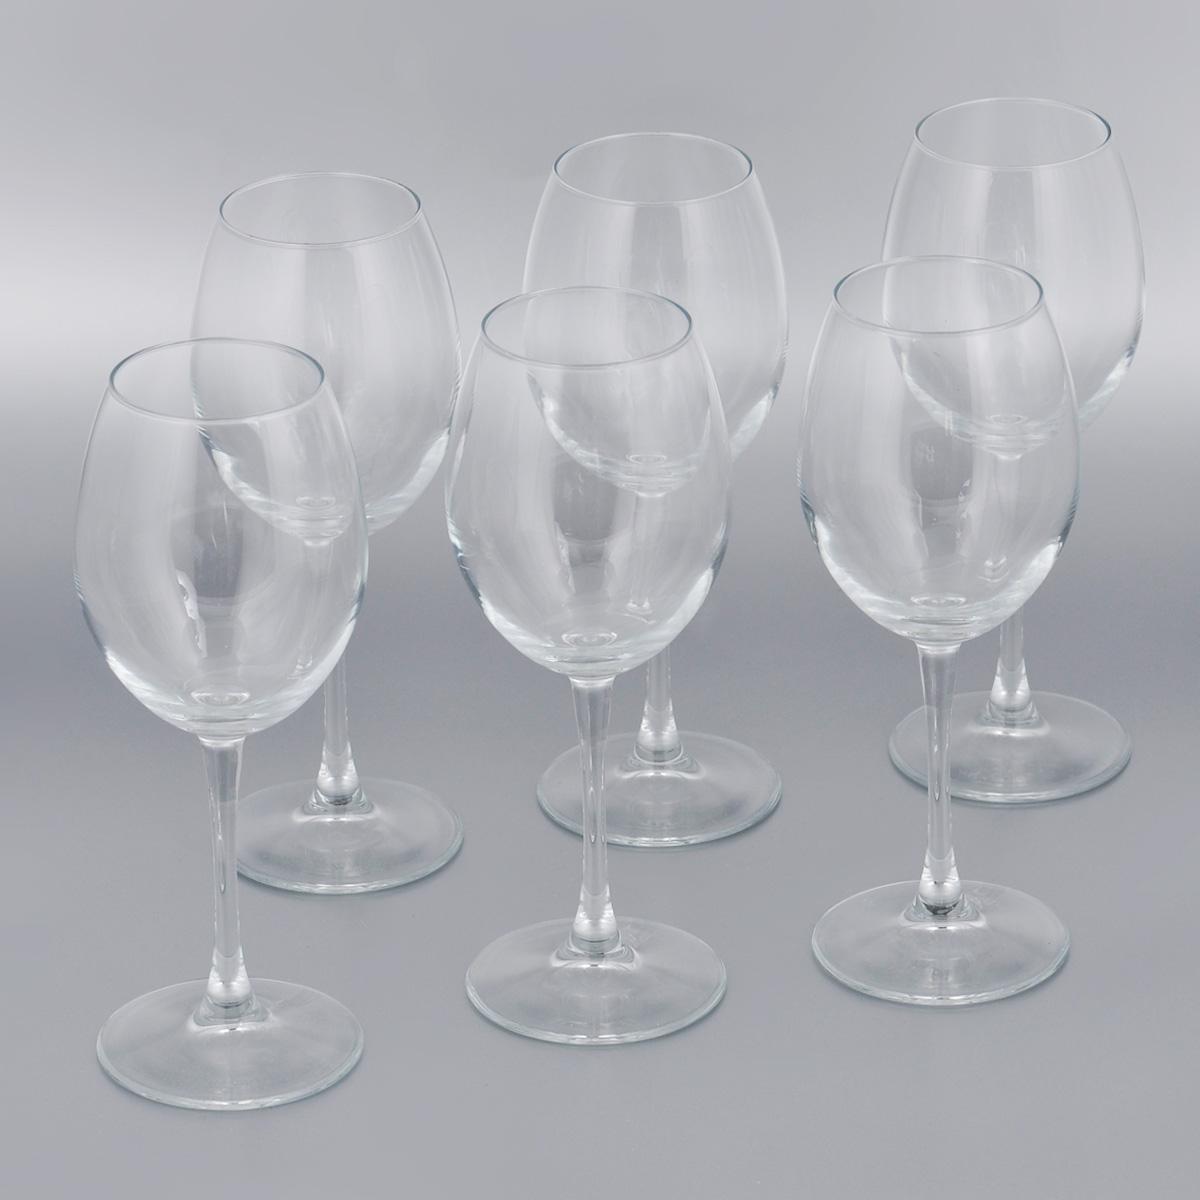 Набор бокалов для красного вина Pasabahce Enoteca, 420 мл, 6 штVT-1520(SR)Набор Pasabahce Enoteca состоит из шести бокалов, выполненных из прочного натрий-кальций-силикатного стекла. Изделия оснащены высокими ножками. Бокалы предназначены для подачи красного вина. Они сочетают в себе элегантный дизайн и функциональность. Благодаря такому набору пить напитки будет еще вкуснее.Набор бокалов Pasabahce Enoteca прекрасно оформит праздничный стол и создаст приятную атмосферу за романтическим ужином. Такой набор также станет хорошим подарком к любому случаю. Можно мыть в посудомоечной машине и использовать в микроволновой печи.Диаметр бокала (по верхнему краю): 6 см. Высота бокала: 22,5 см.